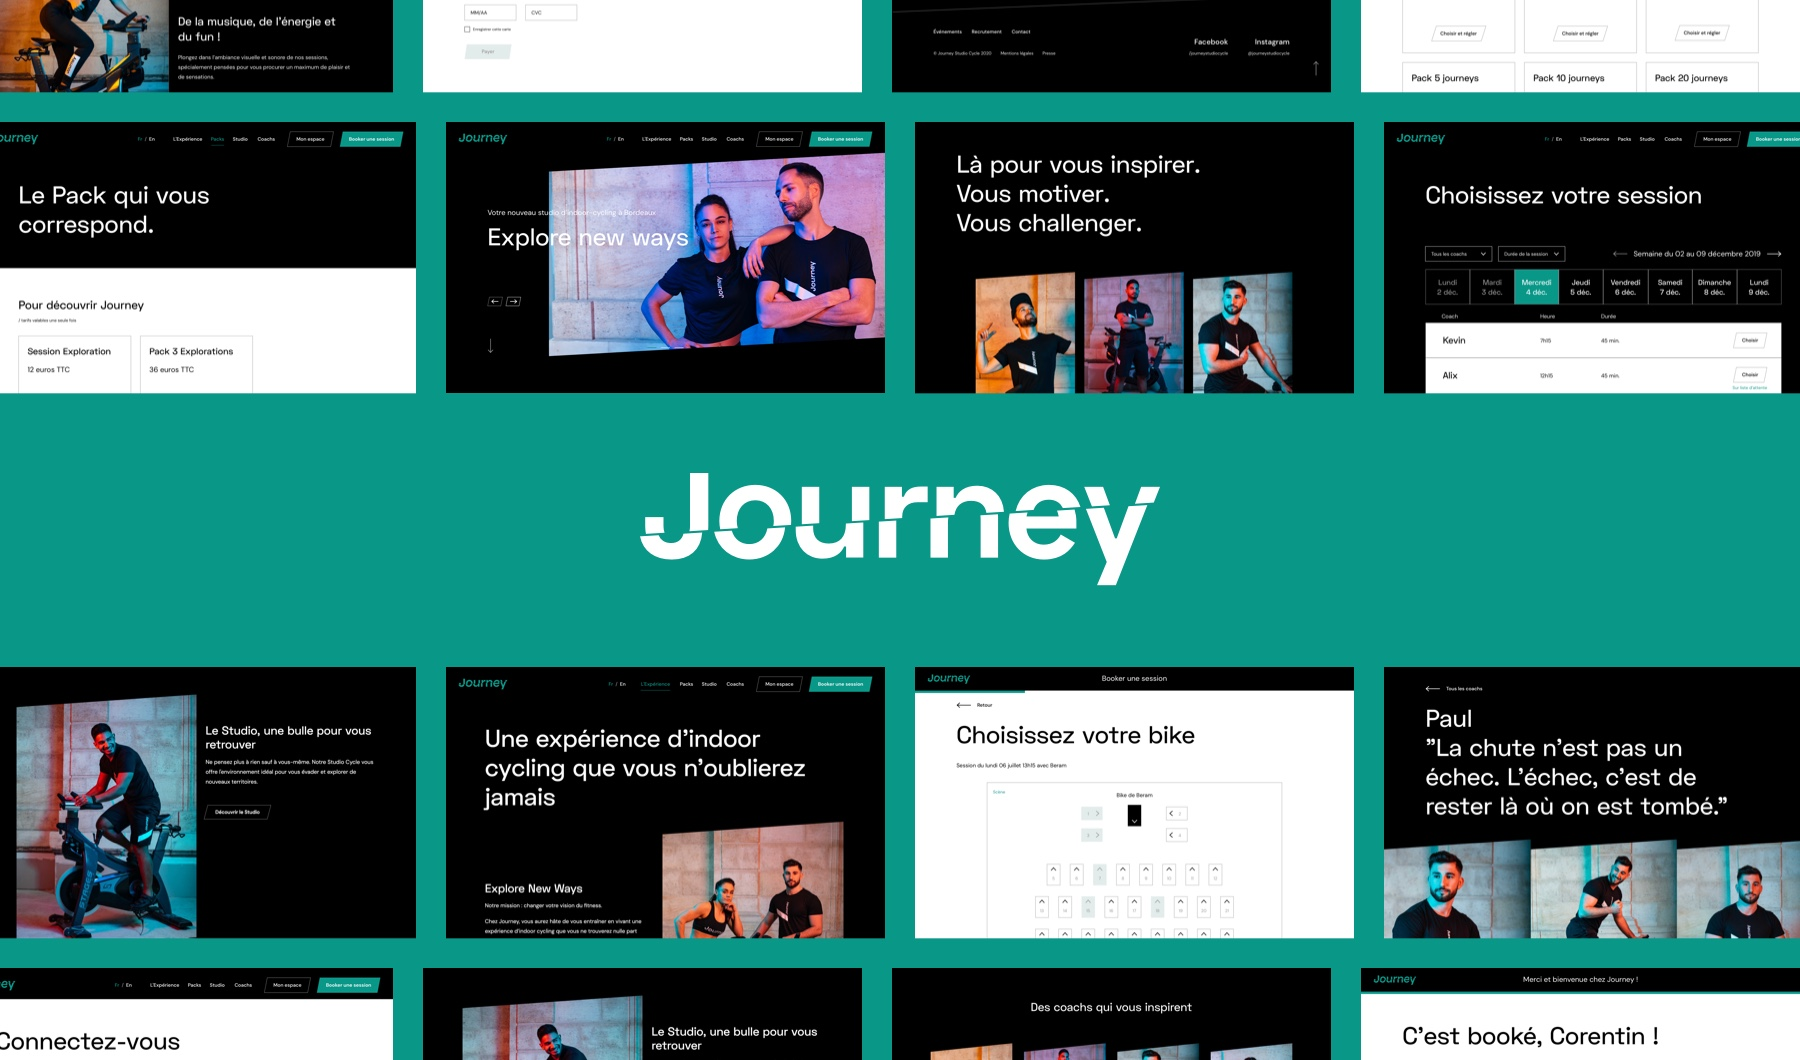 Montage de captures d'écran du site Web de Journey